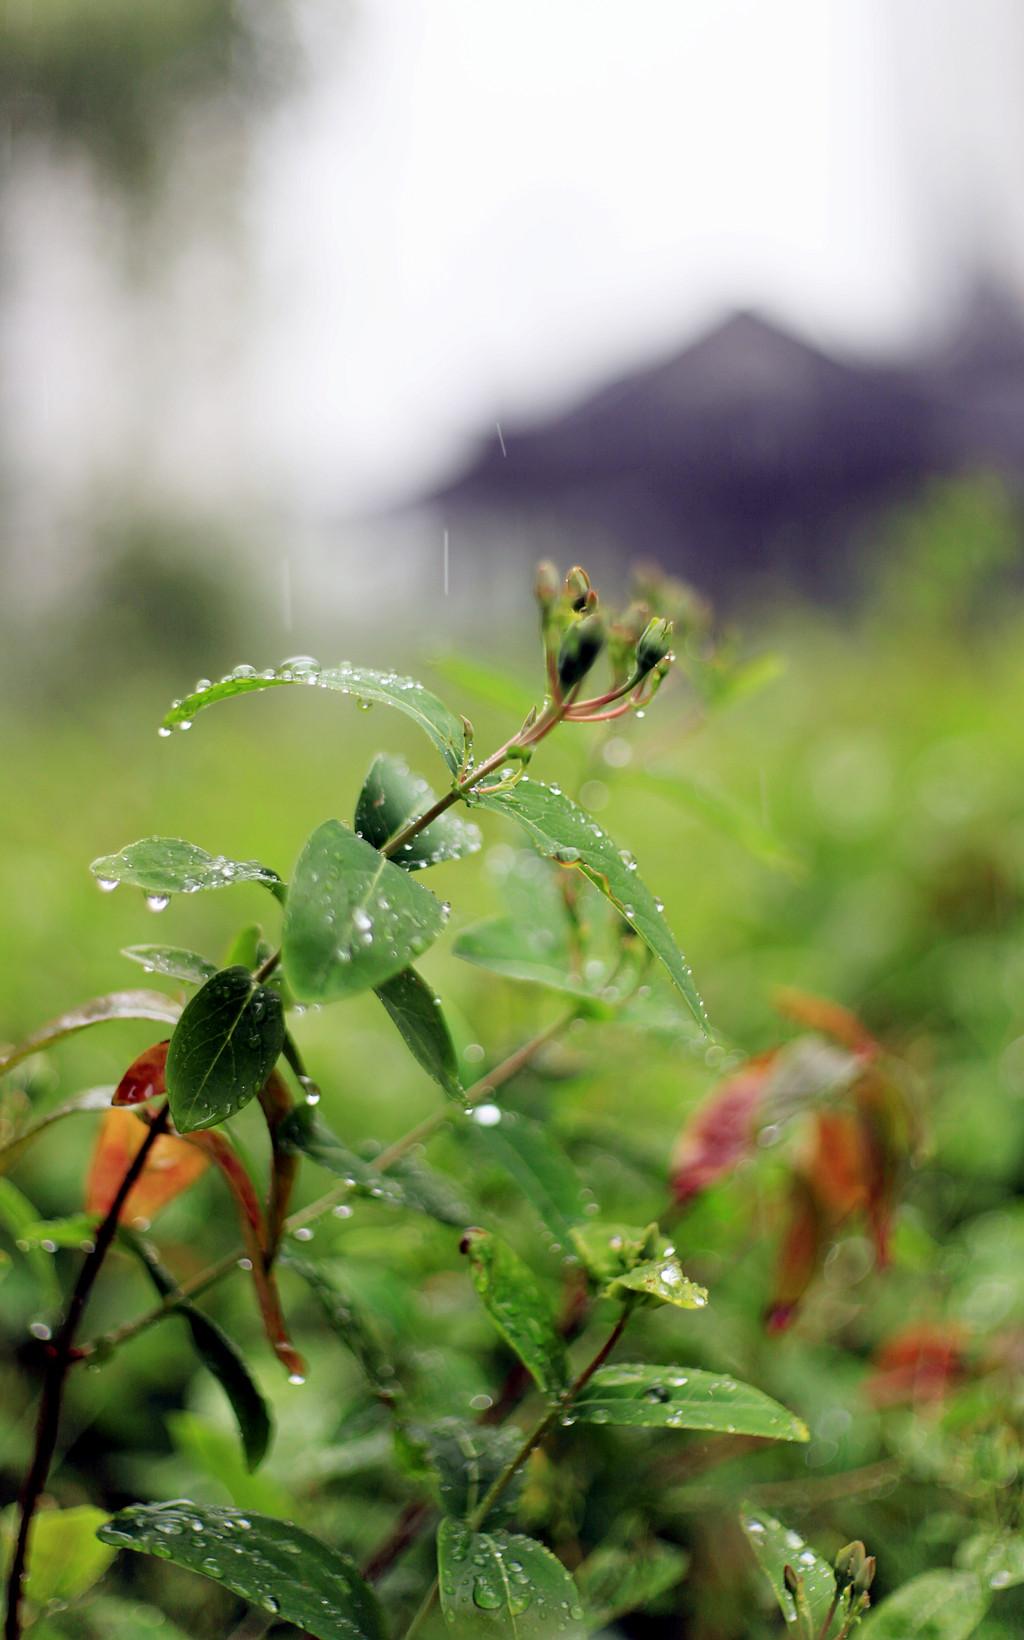 雨 - 002 - 摄影:米多饭香